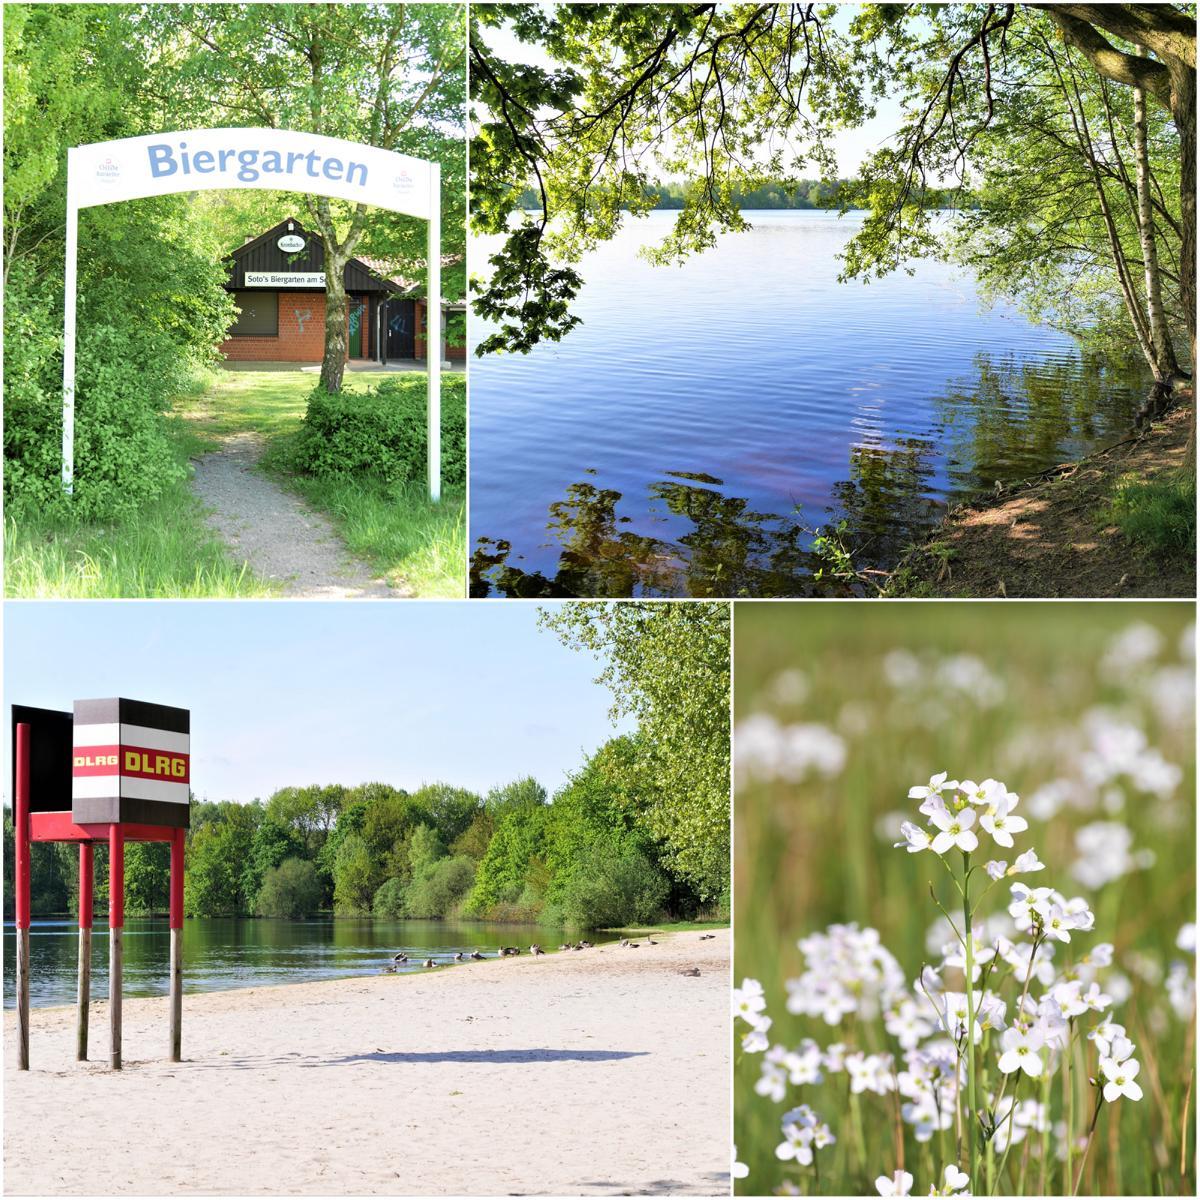 Style Hannover Moorradweg Collage 1 - Mit dem Rad zu sieben Mooren rund um Hannover